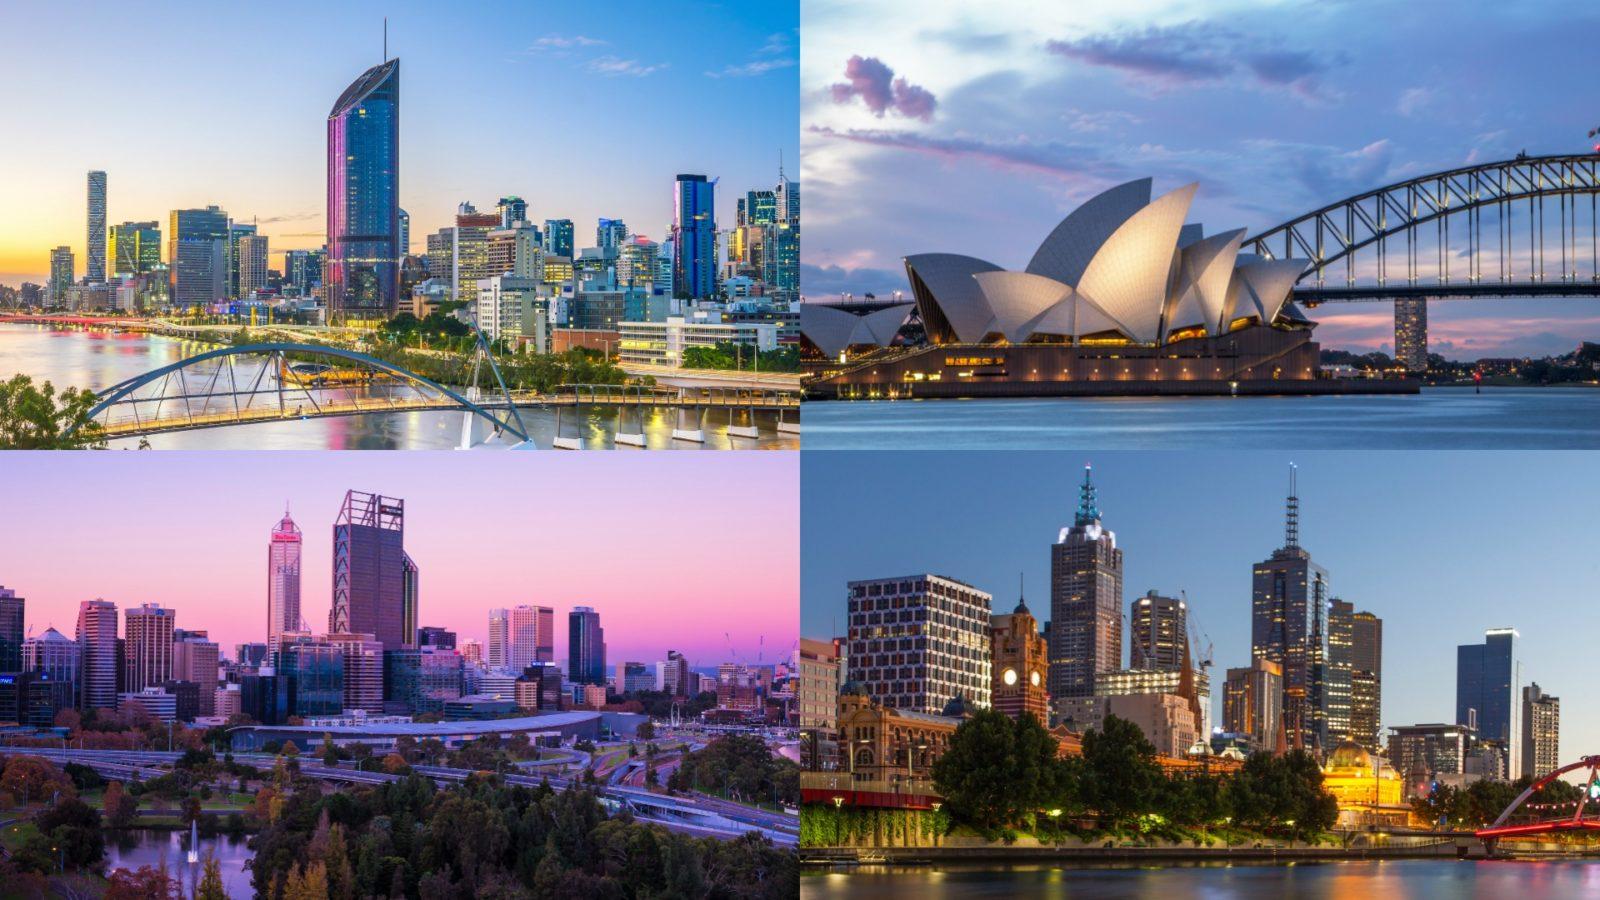 ارخص مدن استراليا للمعيشة